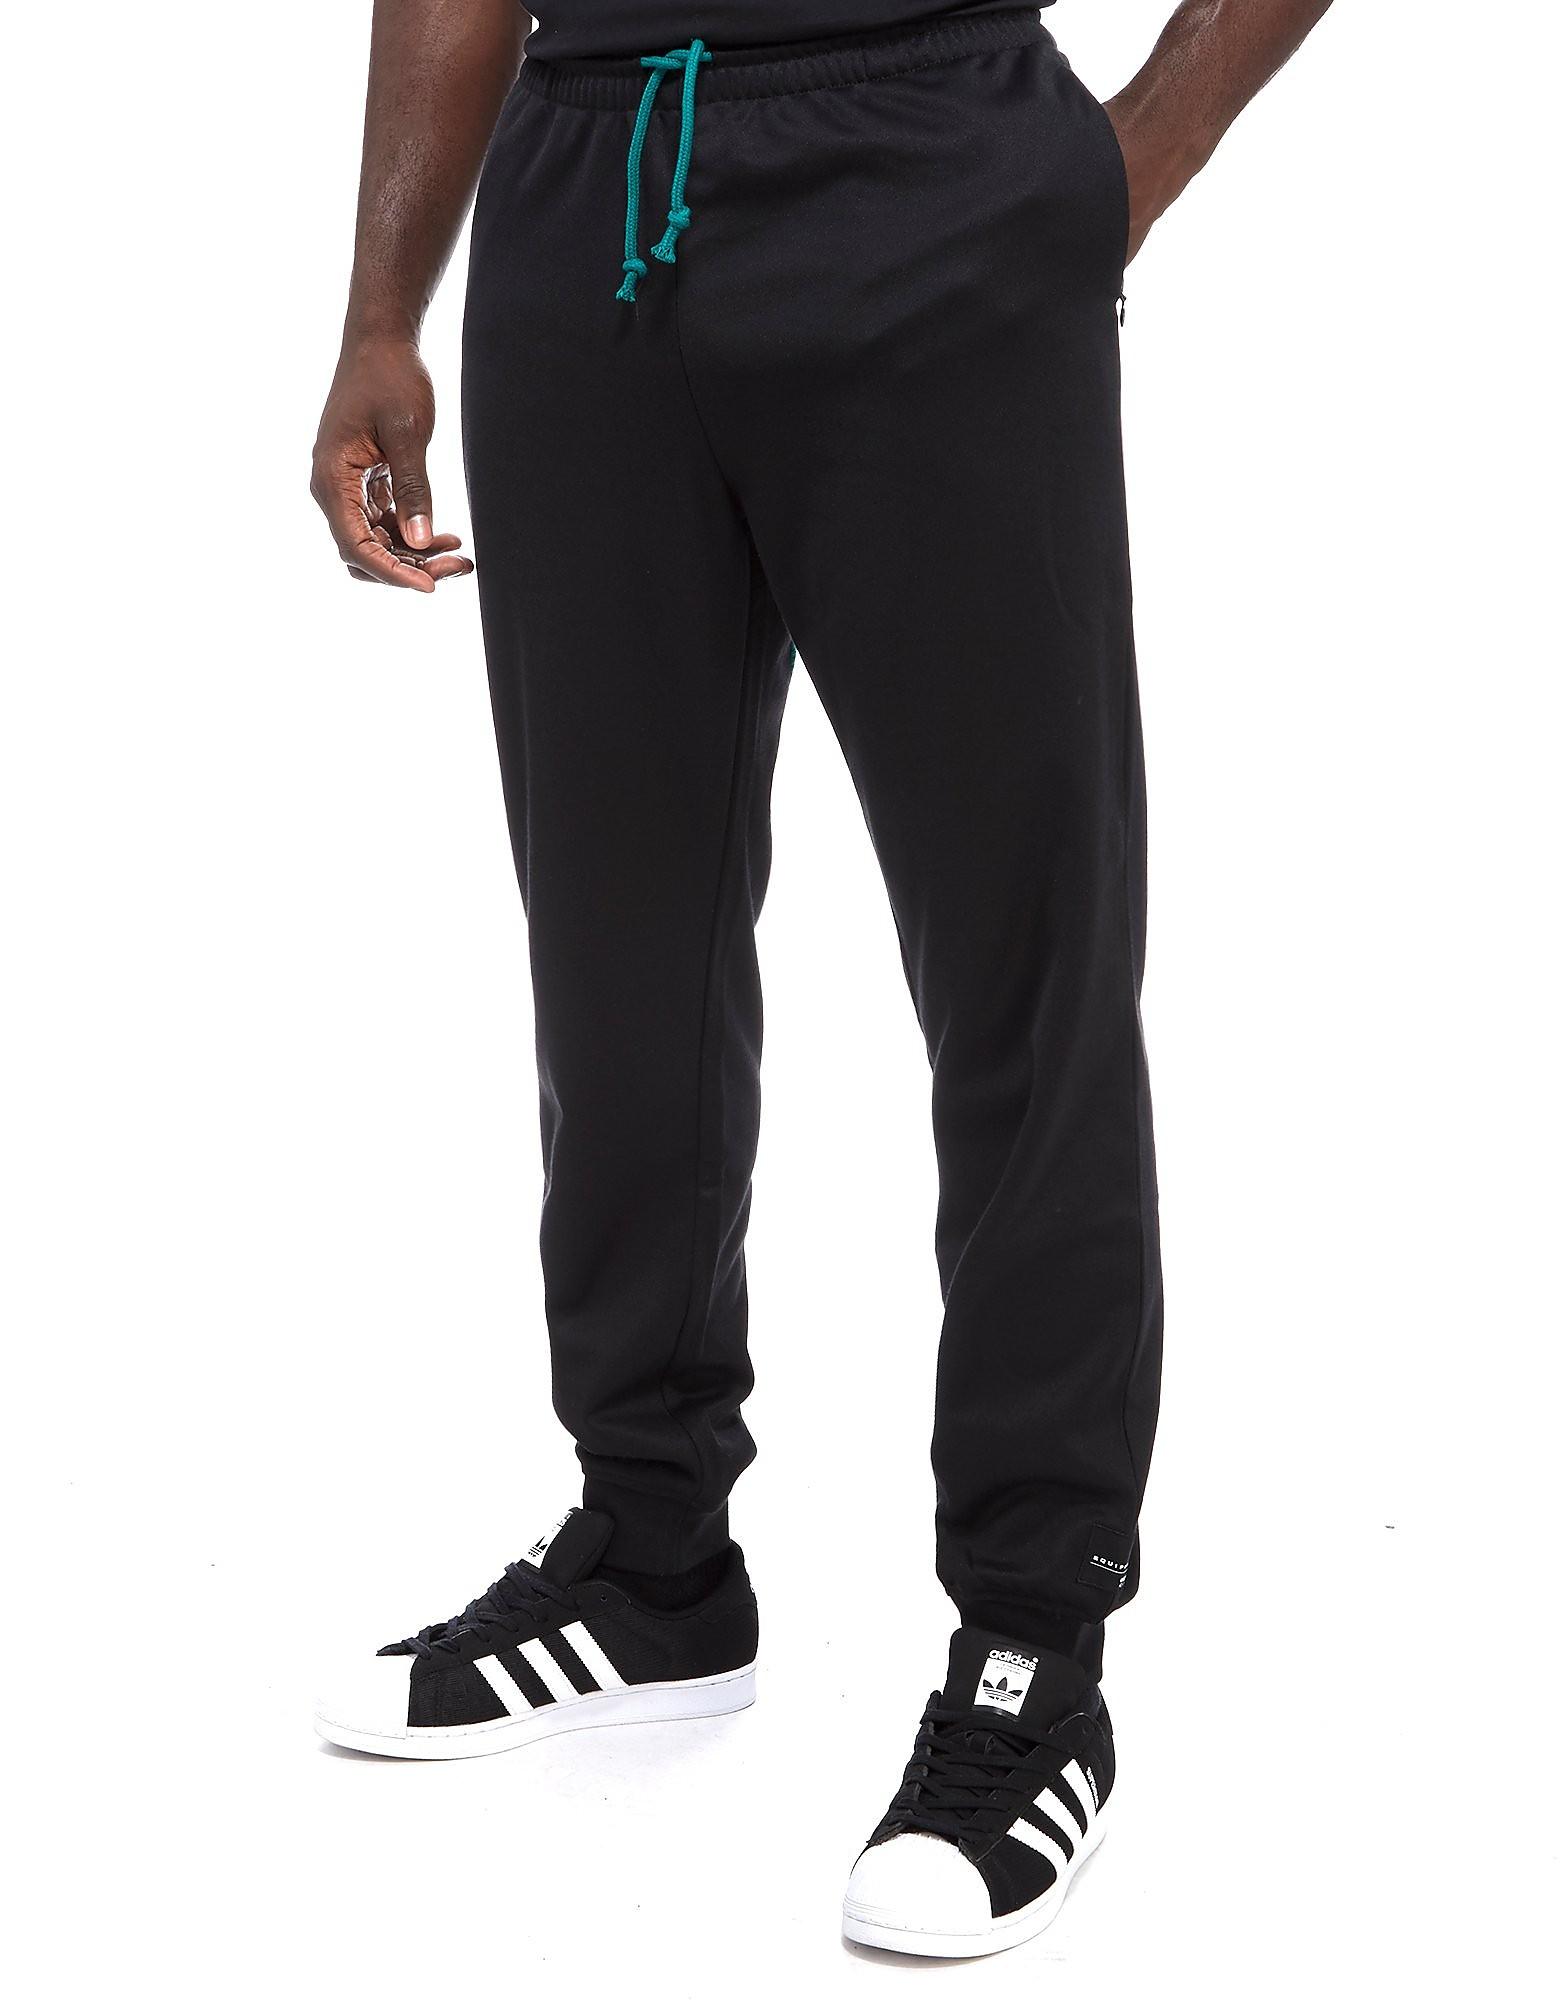 adidas Originals EQT Joggers